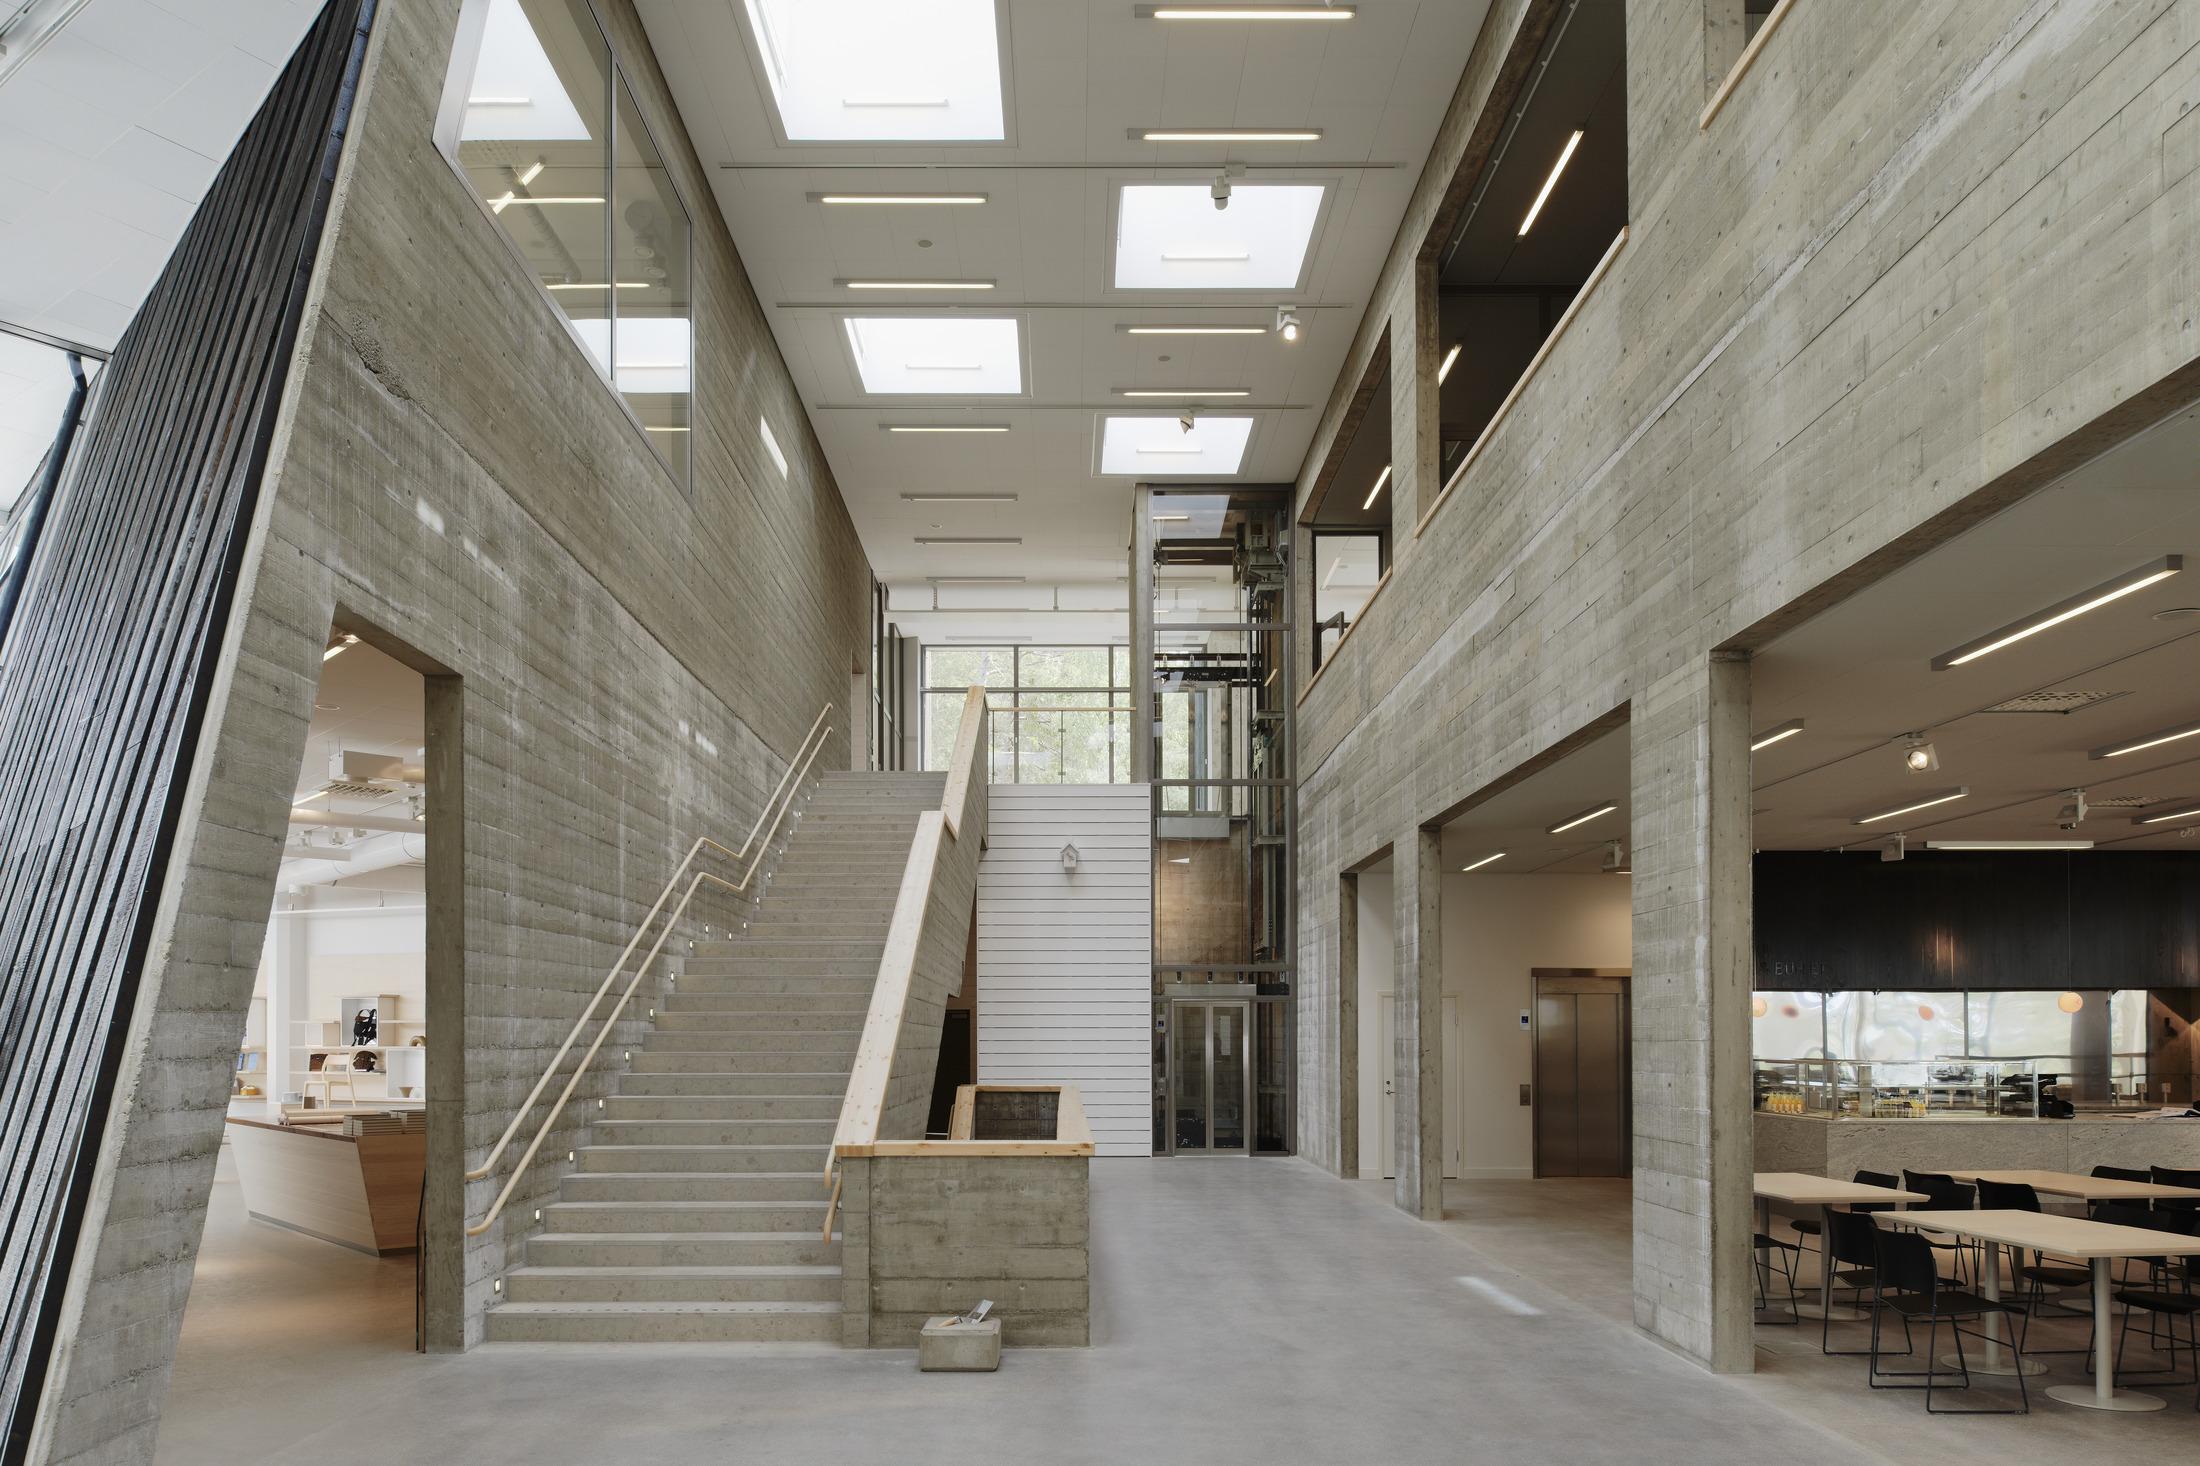 Interiör från konsthallen Artipalag på Värmdö. Trappan från entréhallen upp till restaurangen.